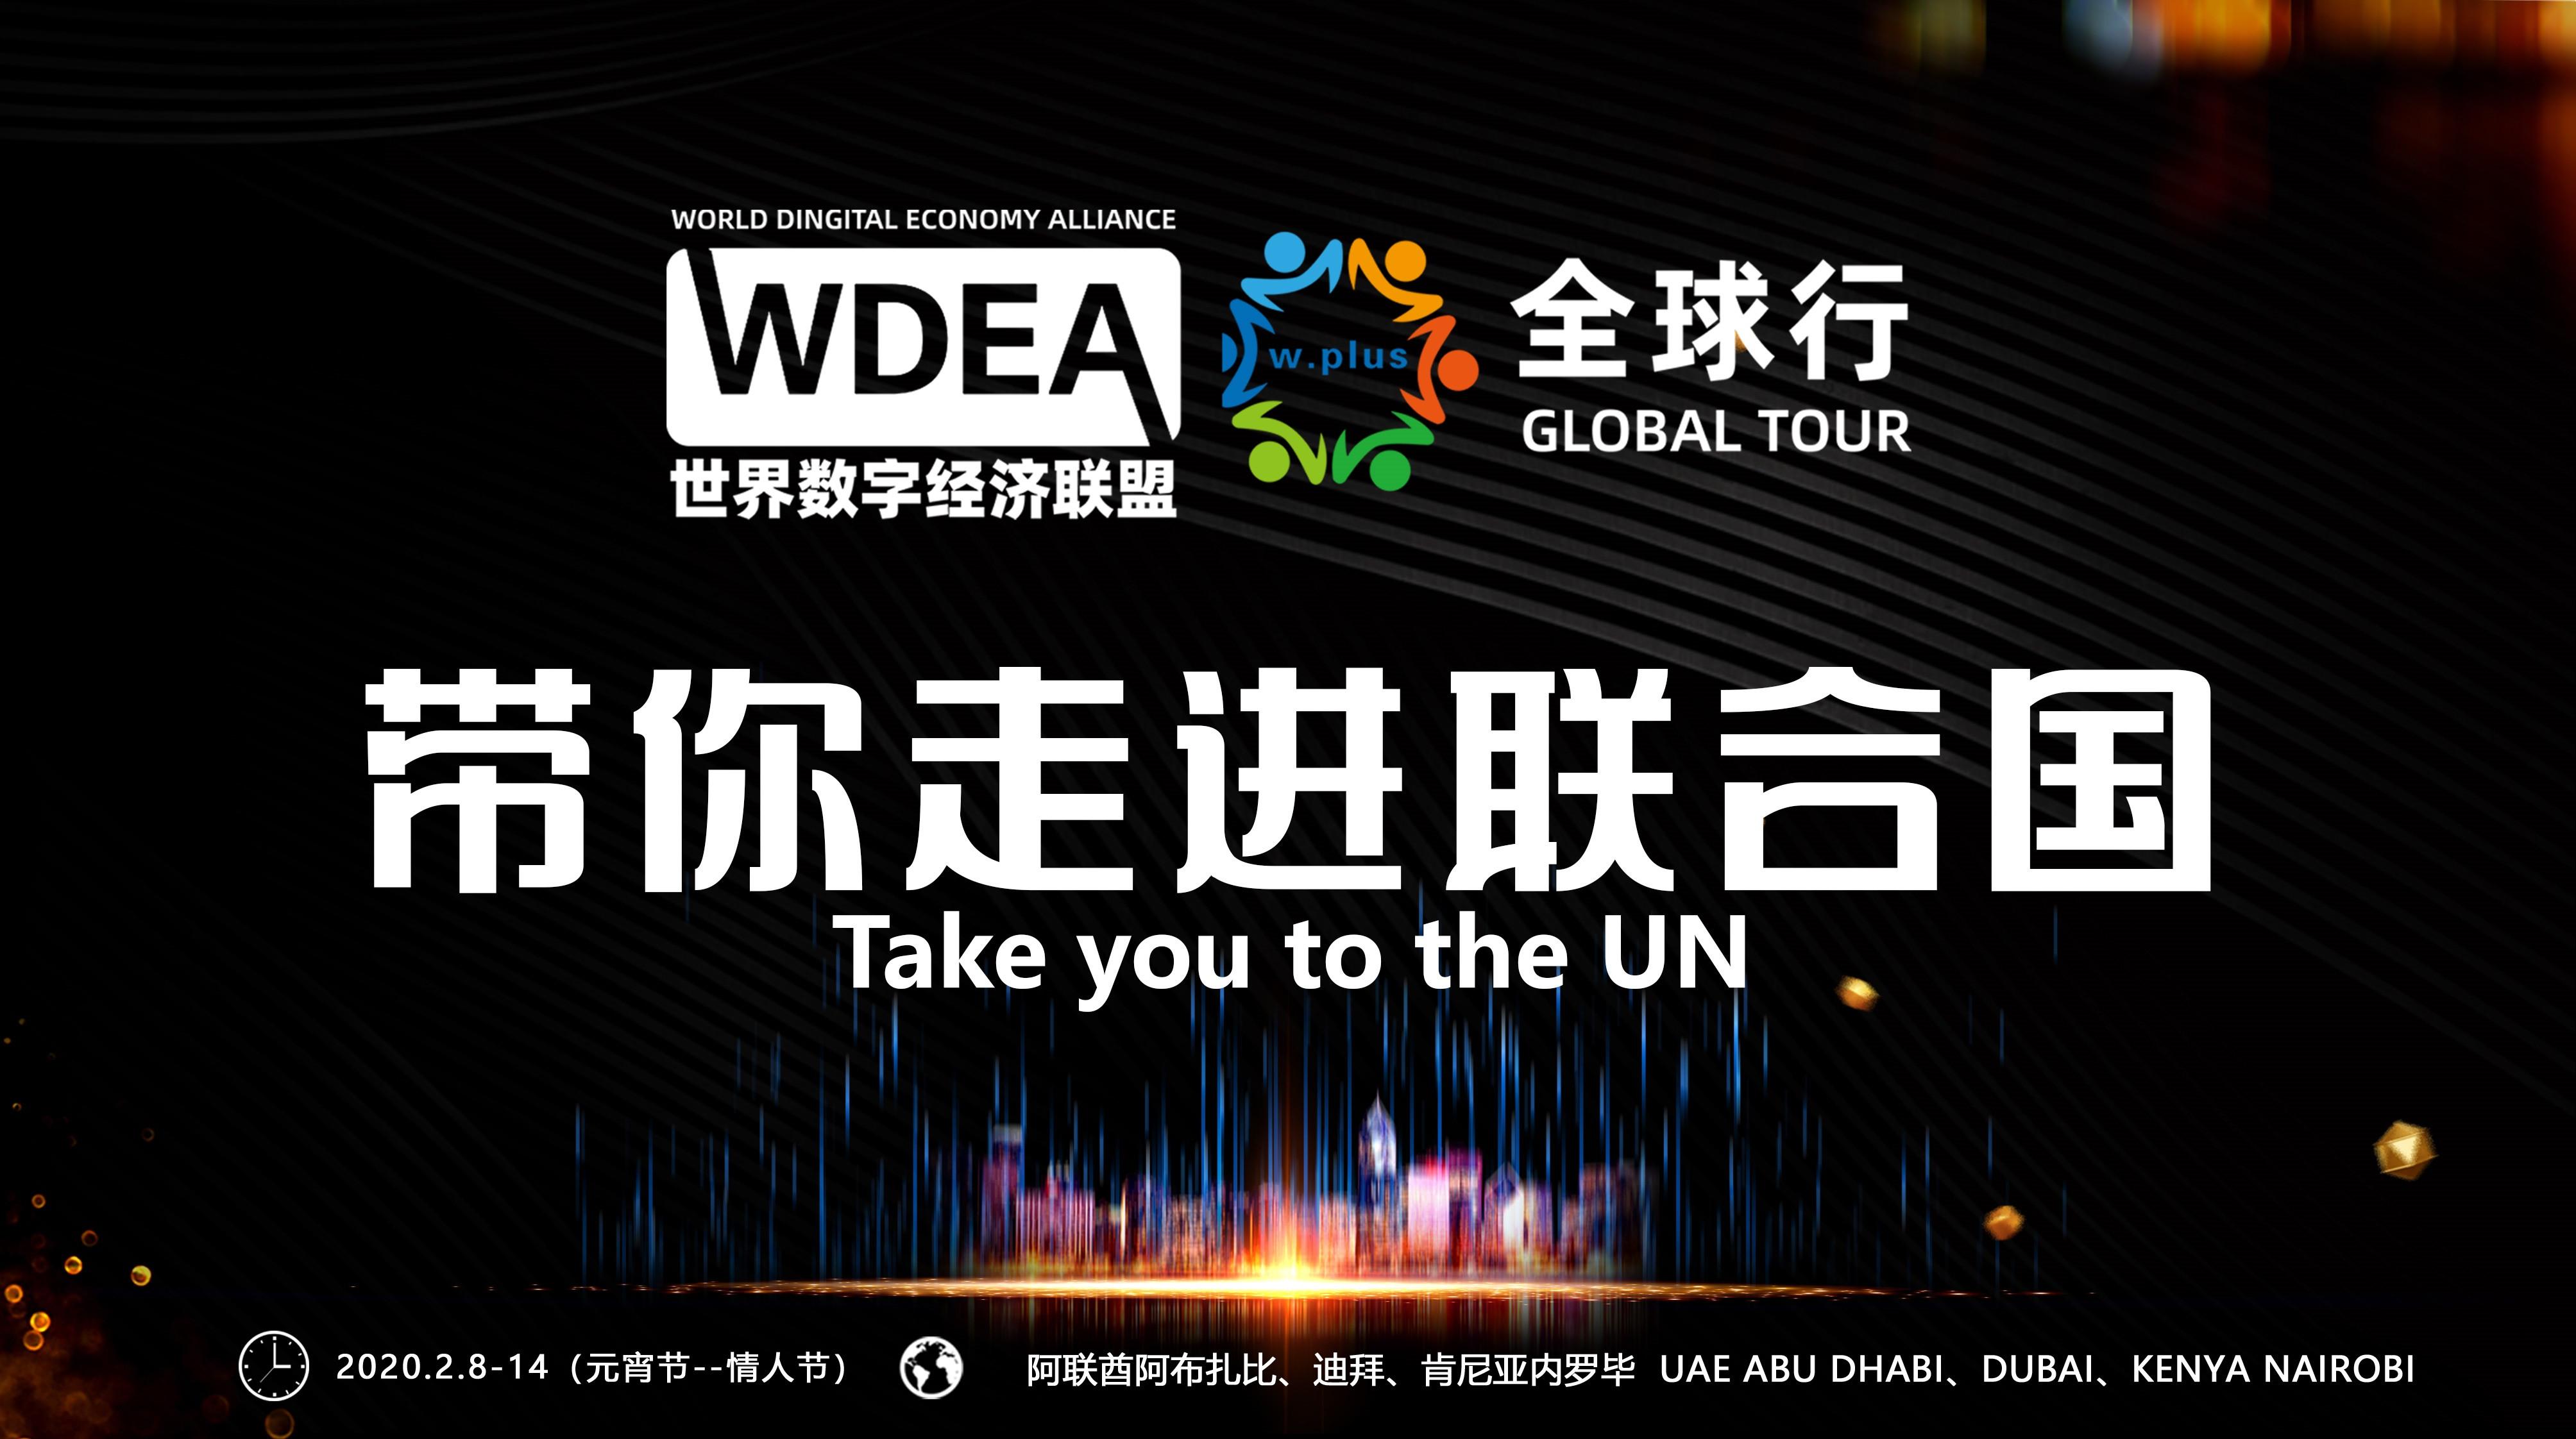 《WDEA全球行-带你走进联合国》第七届世界数字经济大会暨第五届世界区块链创新大会